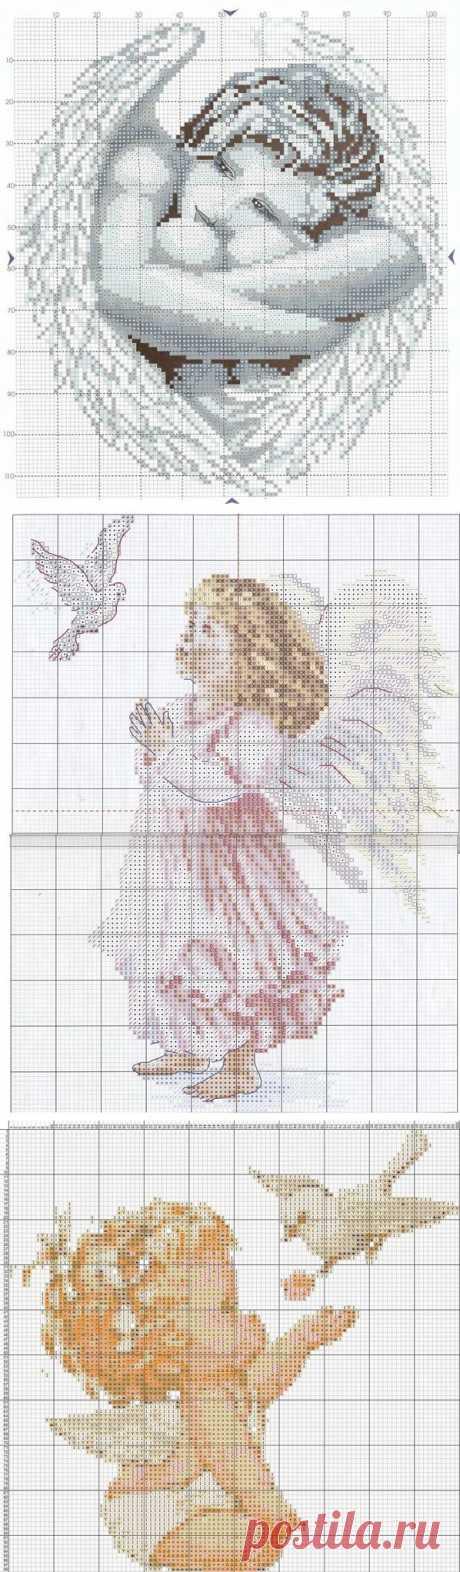 Ангелочки - 19 схем для вышивки крестом.